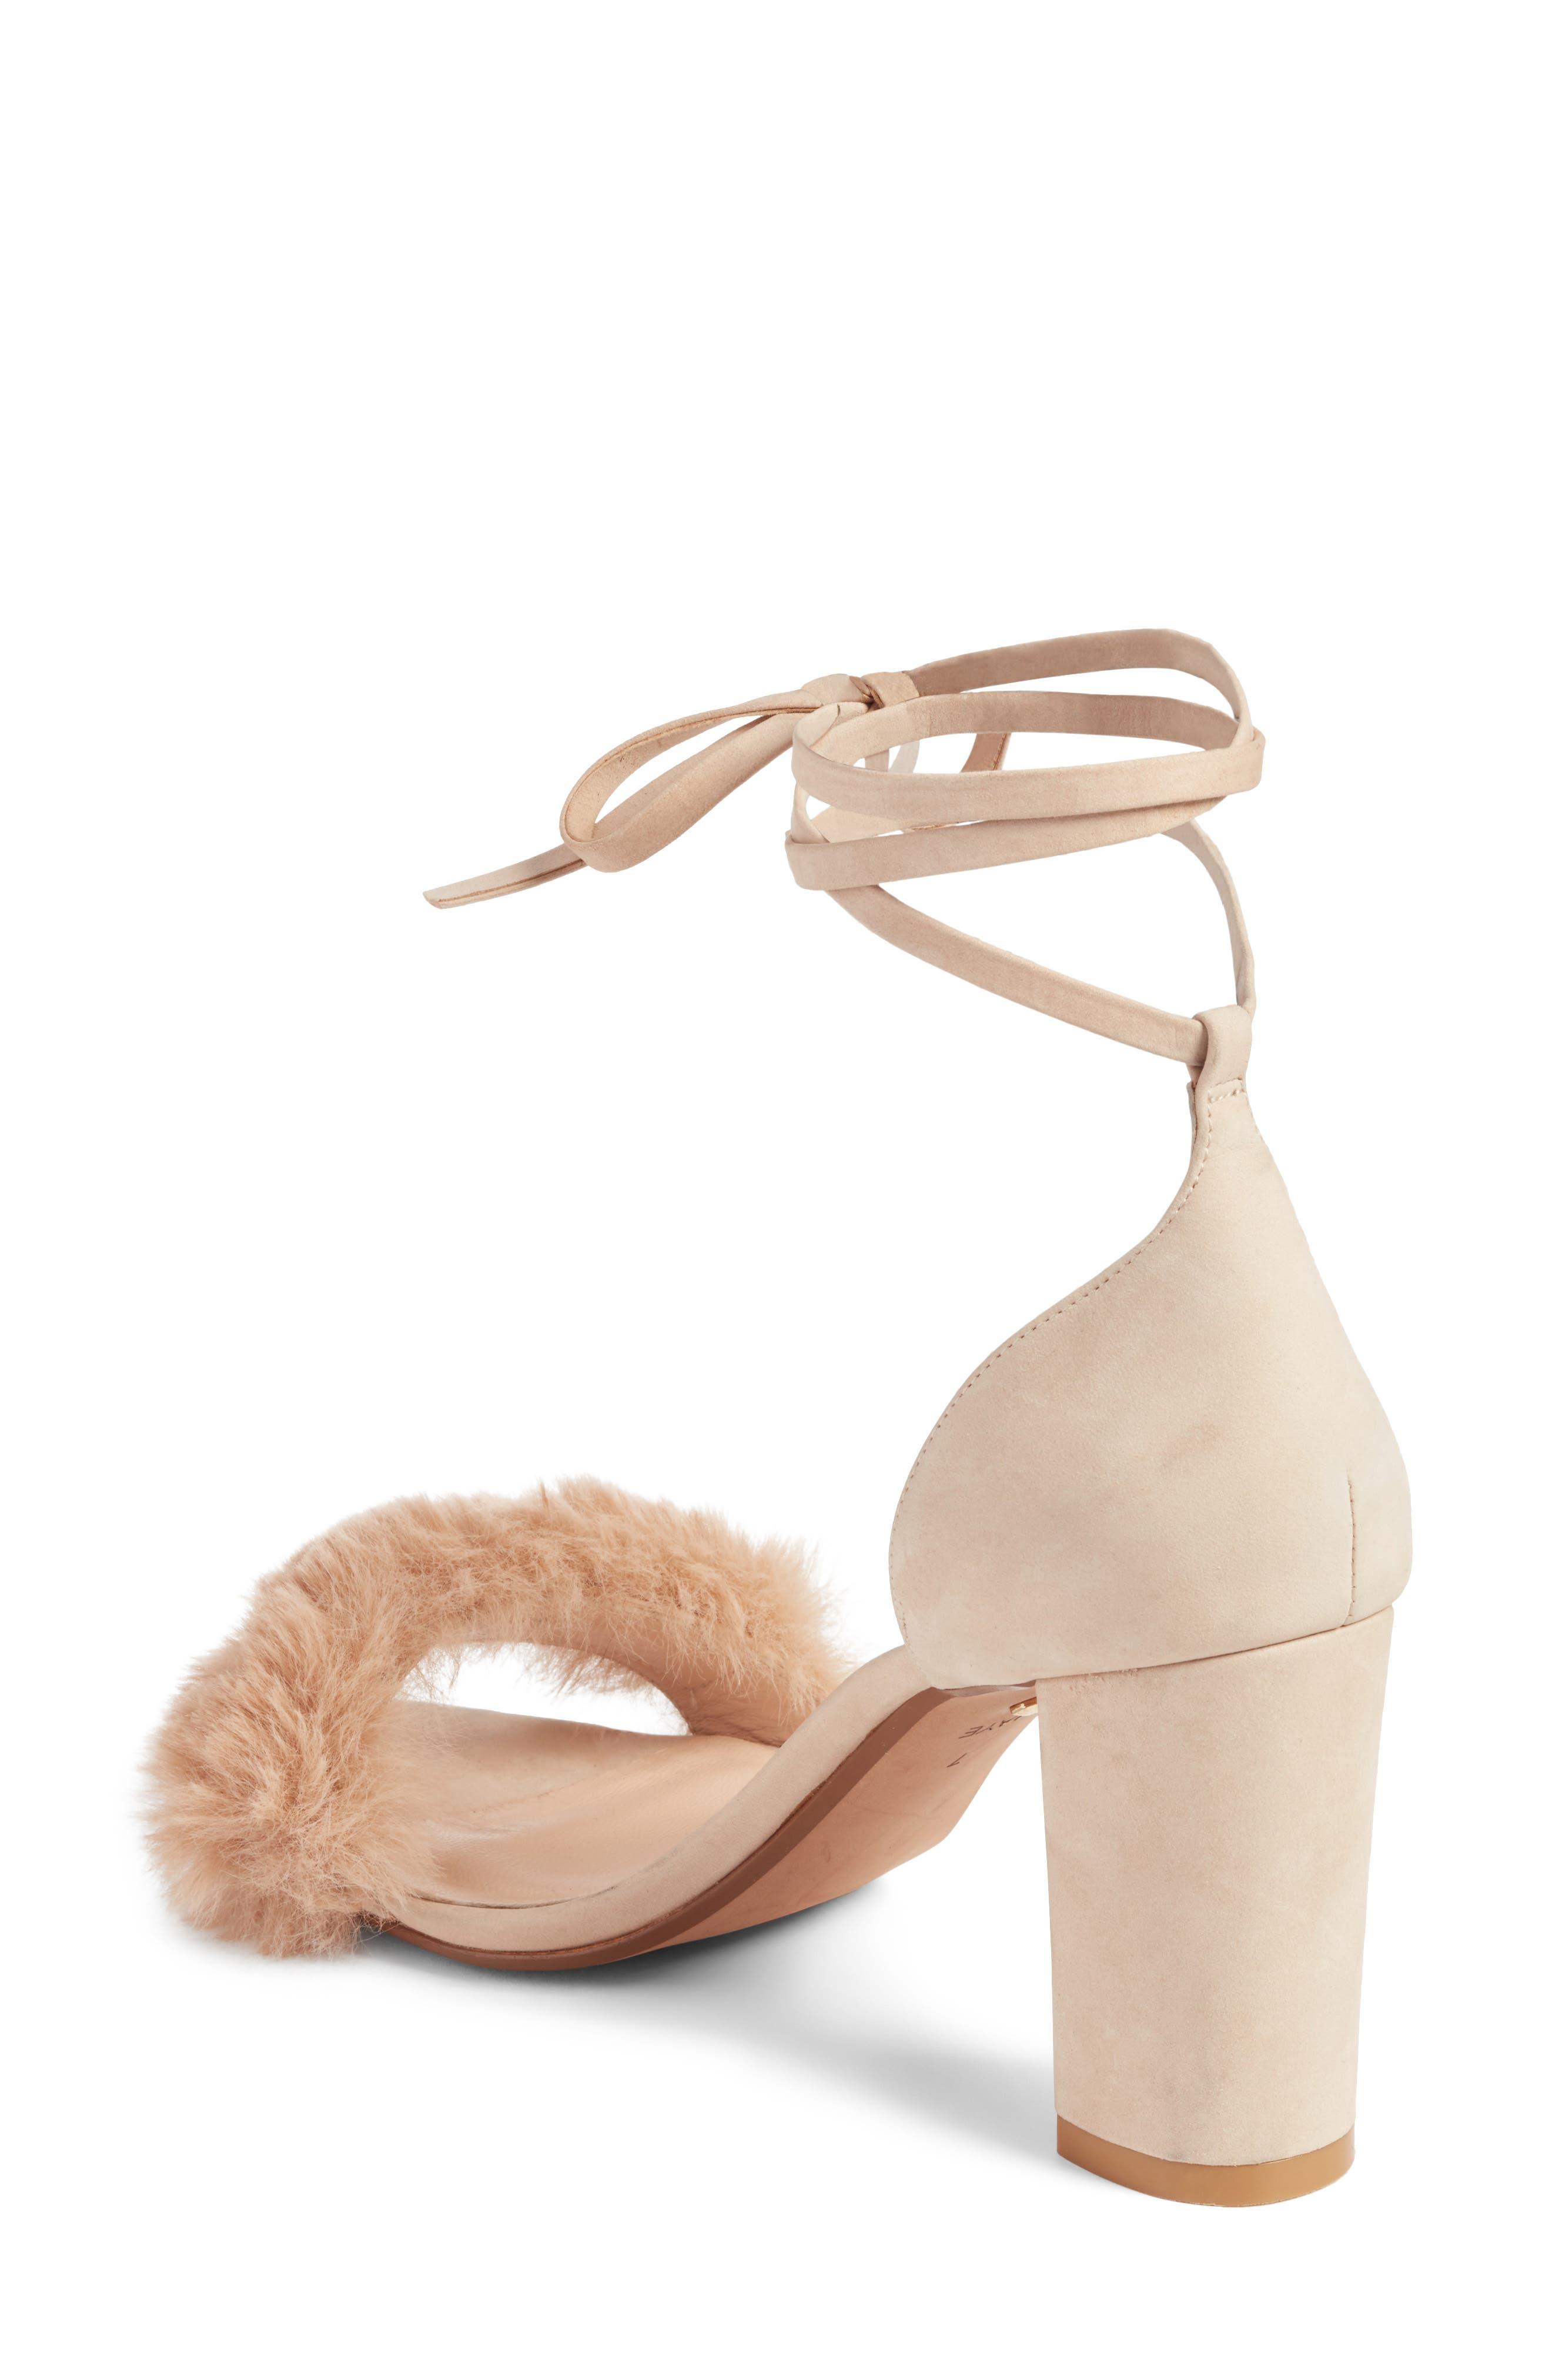 Lacey Faux Fur Sandal,                             Alternate thumbnail 2, color,                             Sable Fur